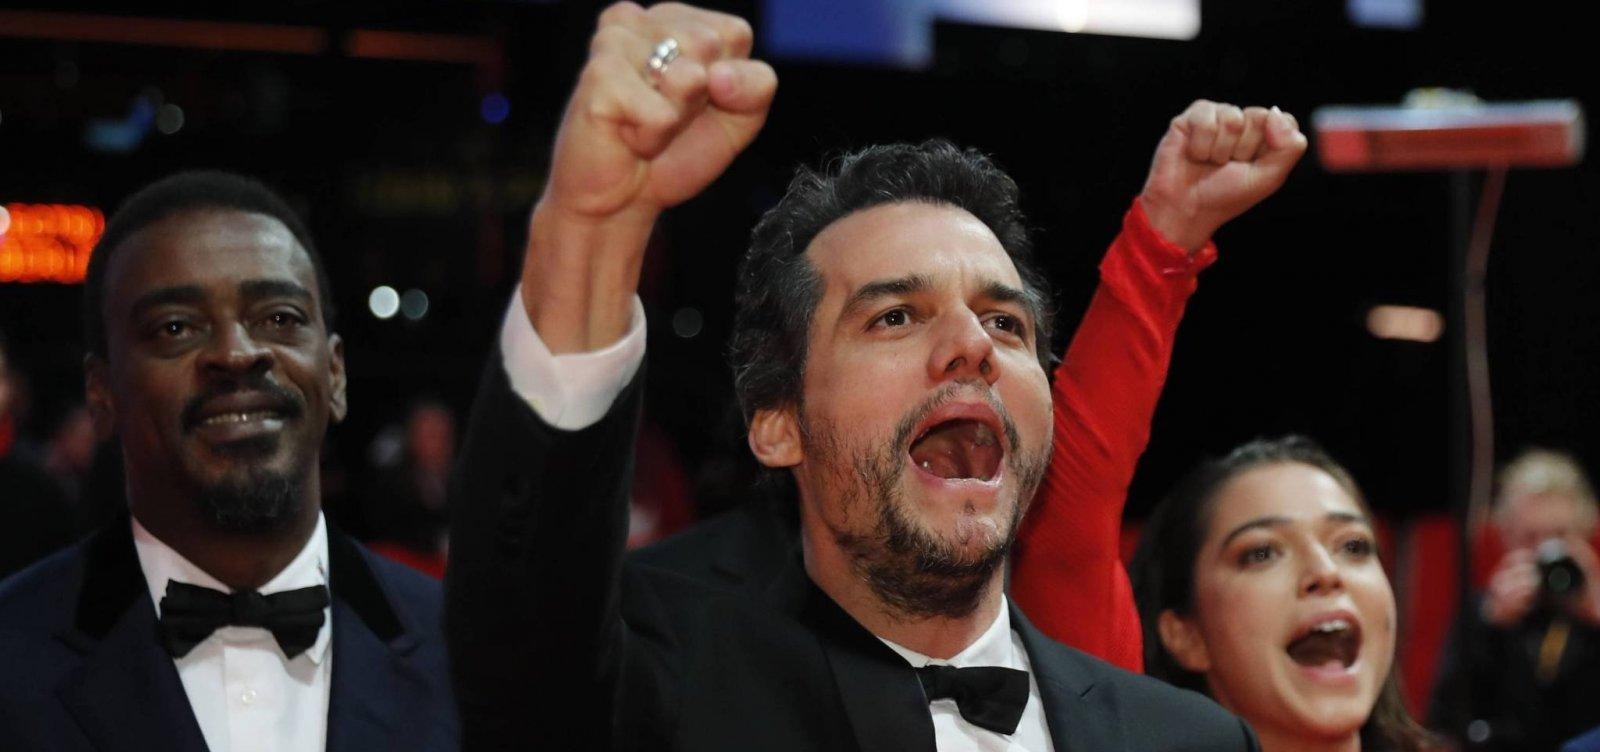 'Ancine está destruída', afirma Wagner Moura após exibição de 'Marighella' nos EUA